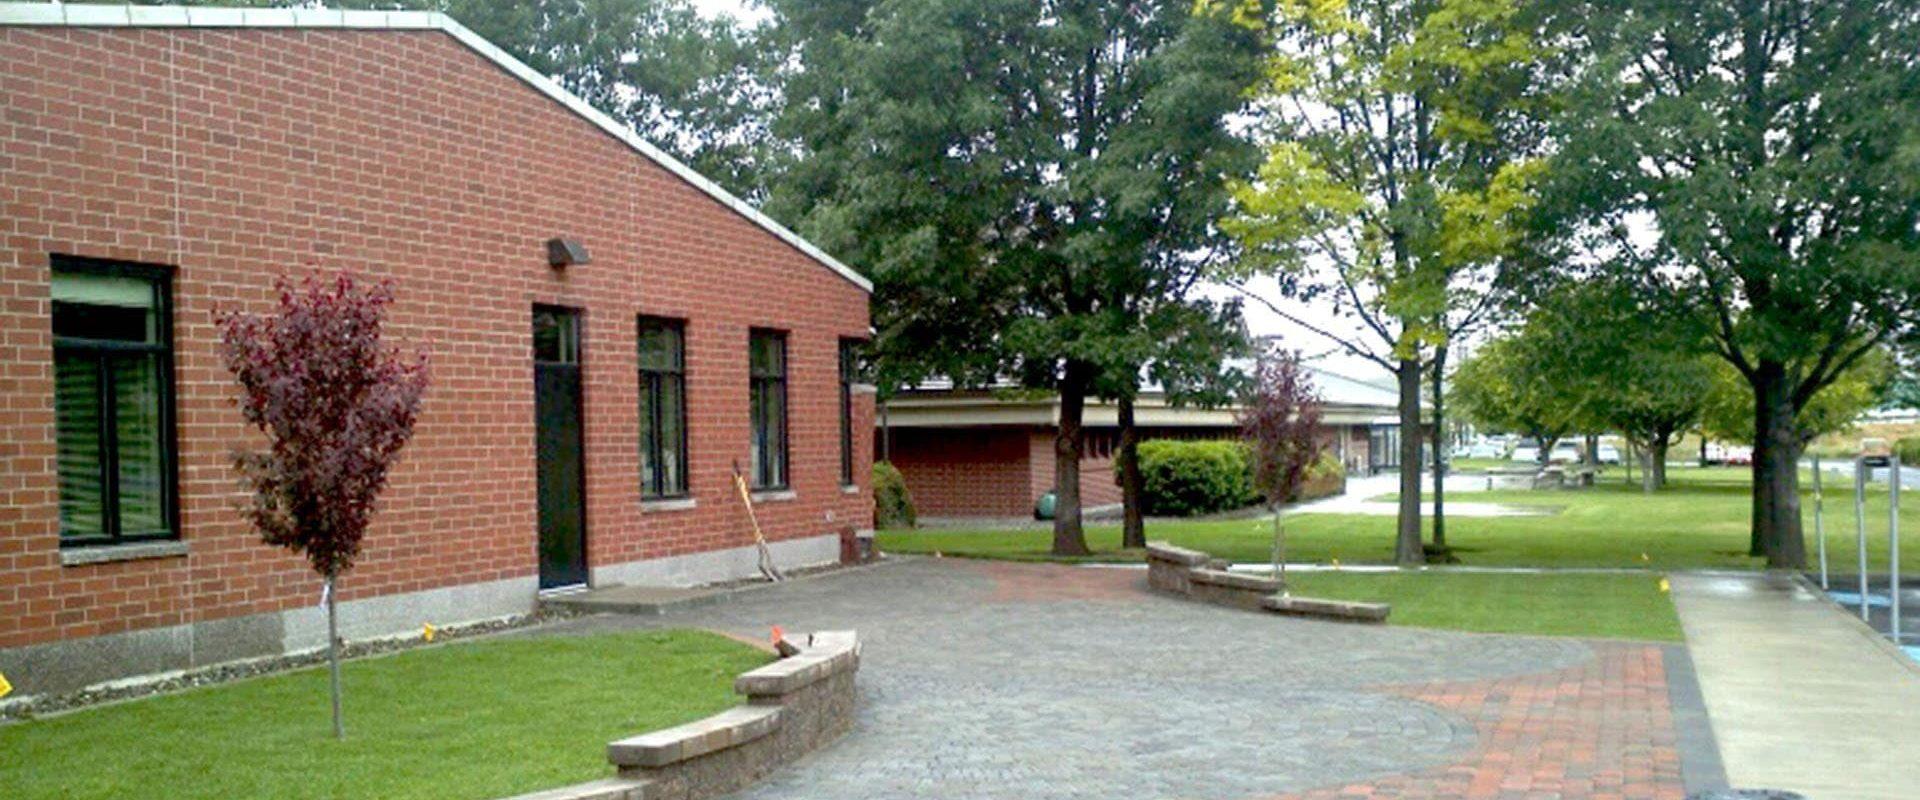 Walla Walla Community College Clarkston Nursing Expansion Patio 2